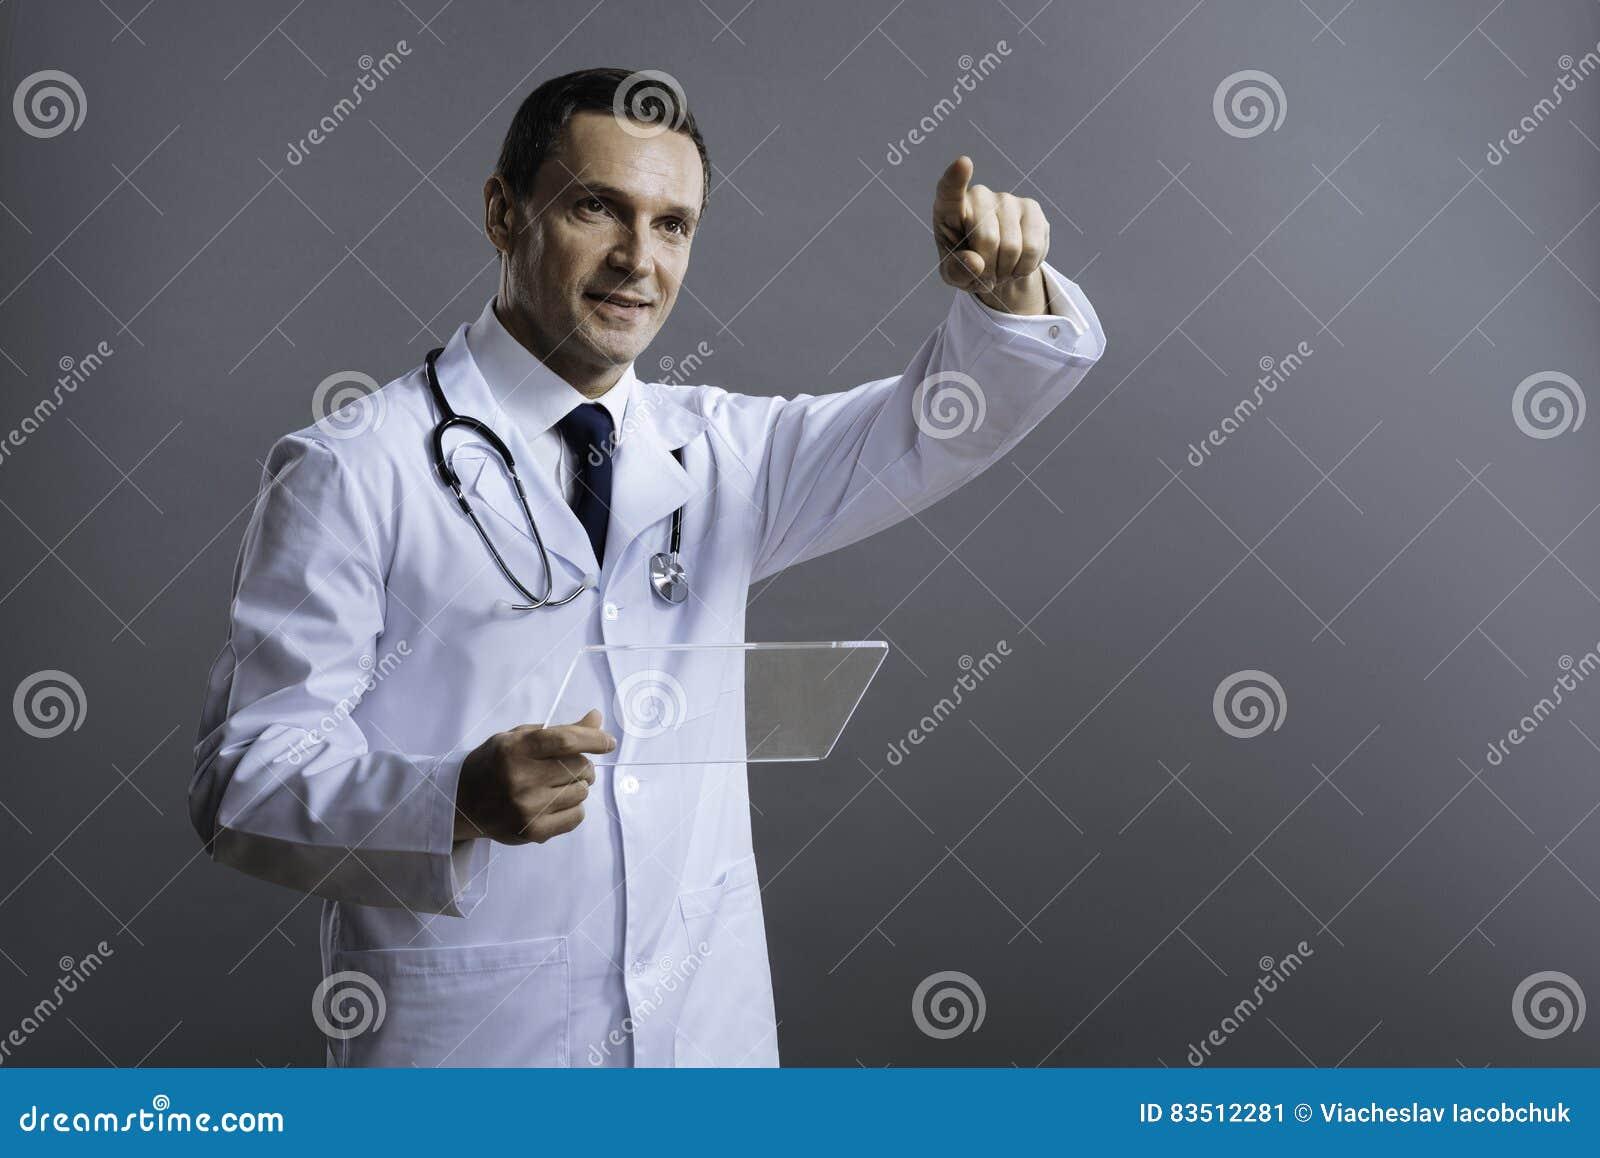 Ευχαριστημένος γιατρός που δείχνει κάπου με το δάχτυλό του